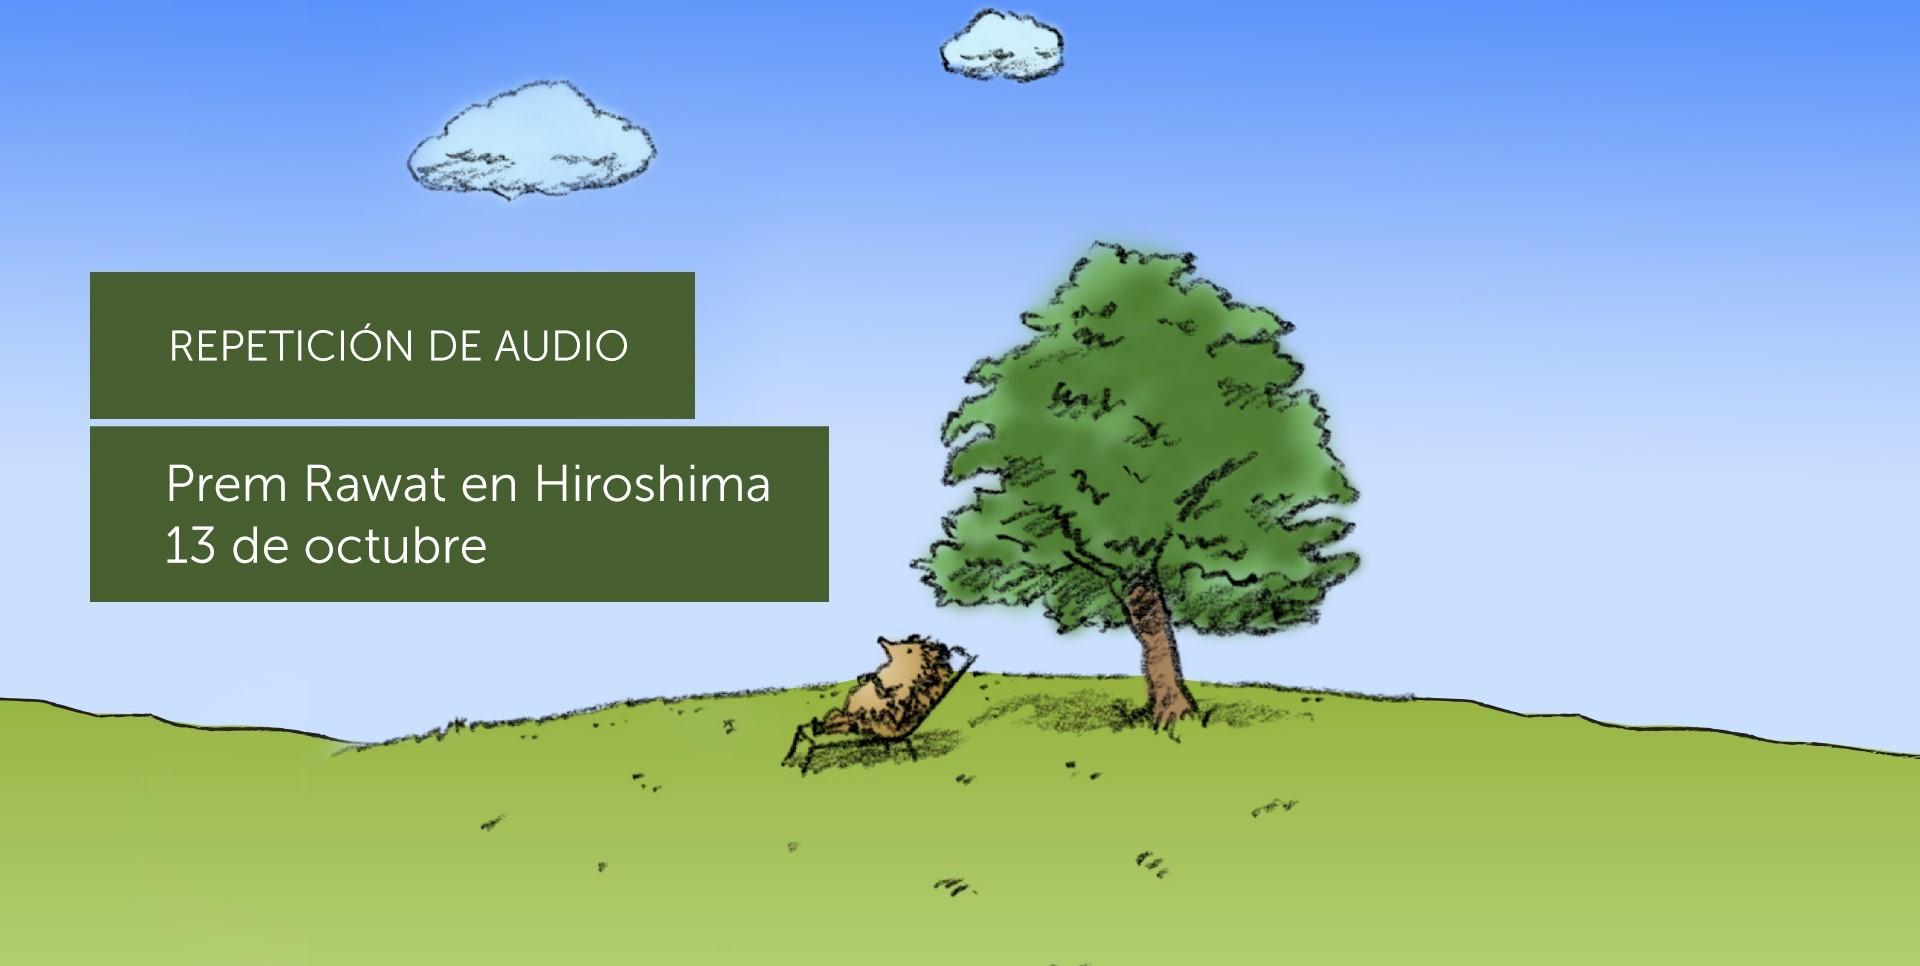 Prem Rawat en Hiroshima, Japón (Audio) Español